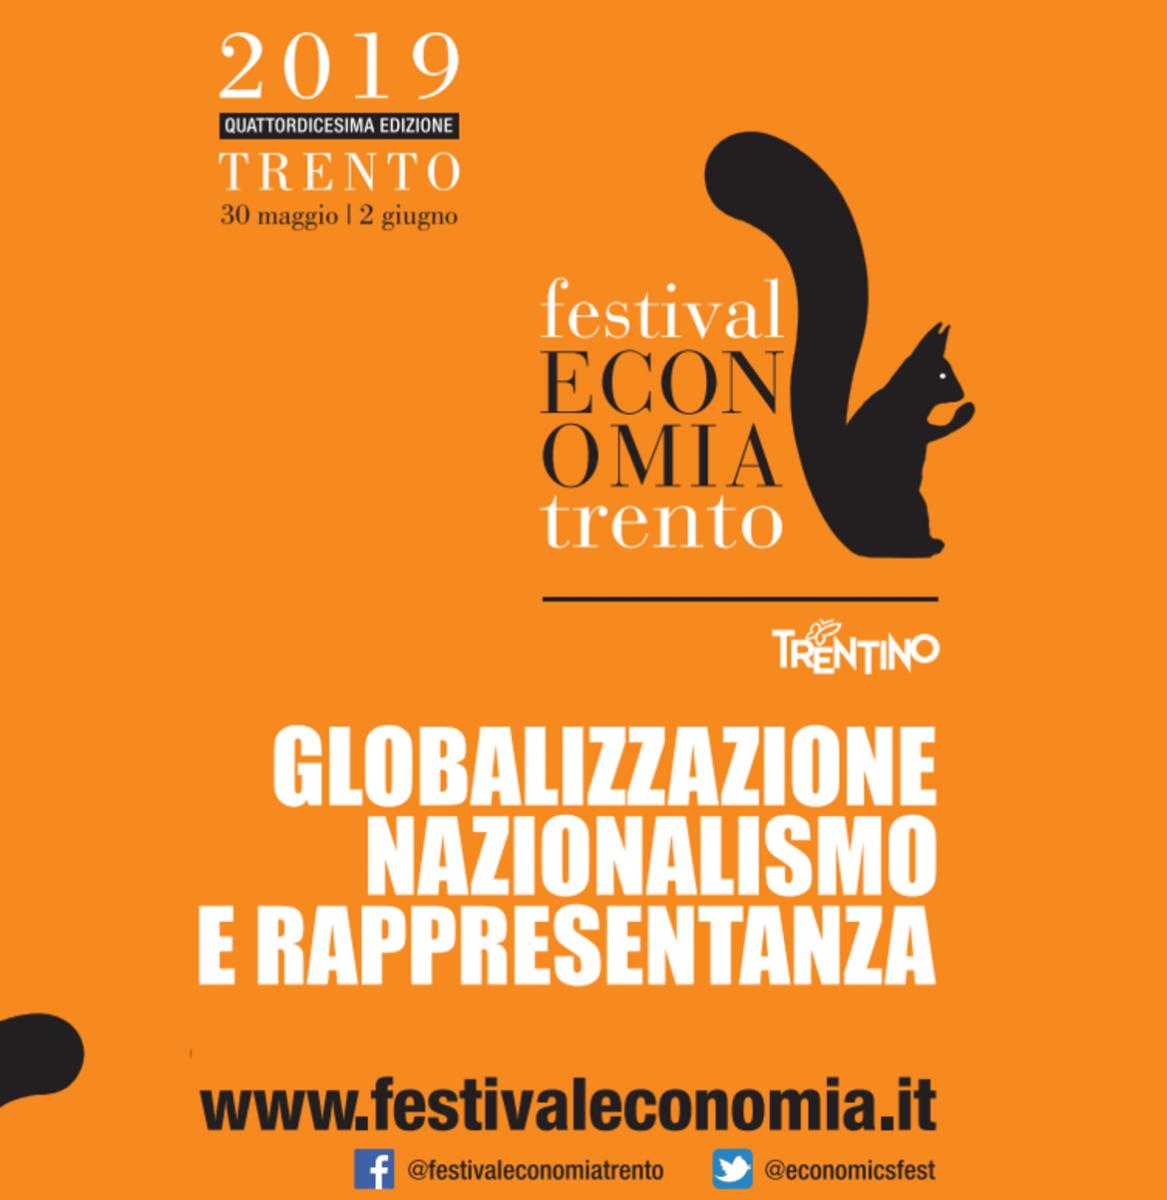 Festival dell'Economia di Trento: Globalizzazione, Nazionalismo, Rappresentanza 30 maggio-2 giugno